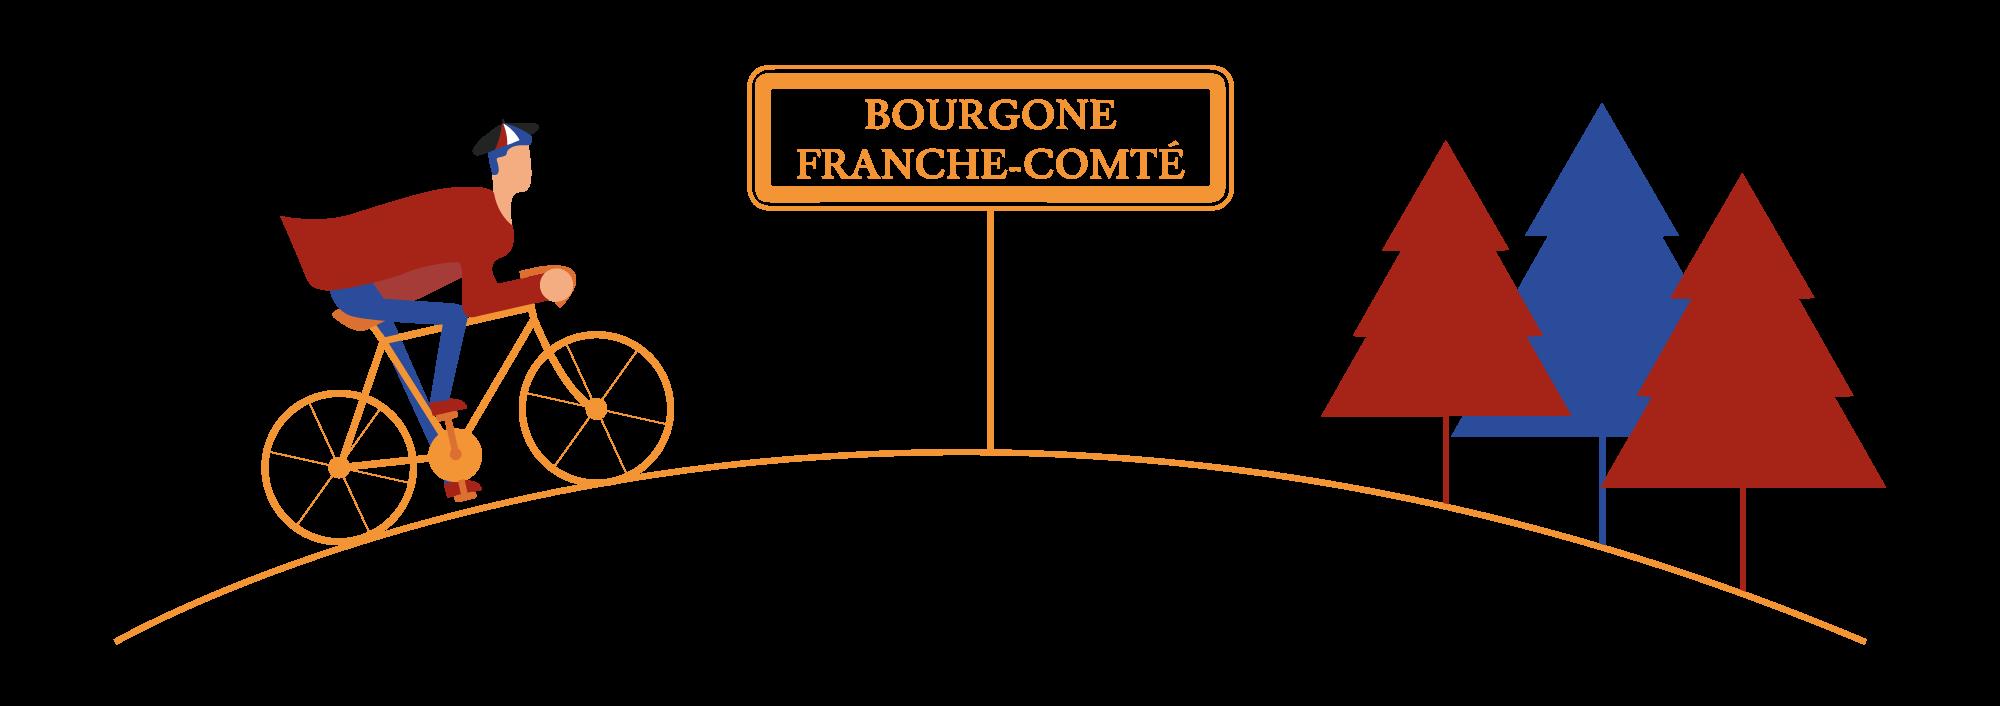 Spécialités de Bourgogne-Franche-Comté